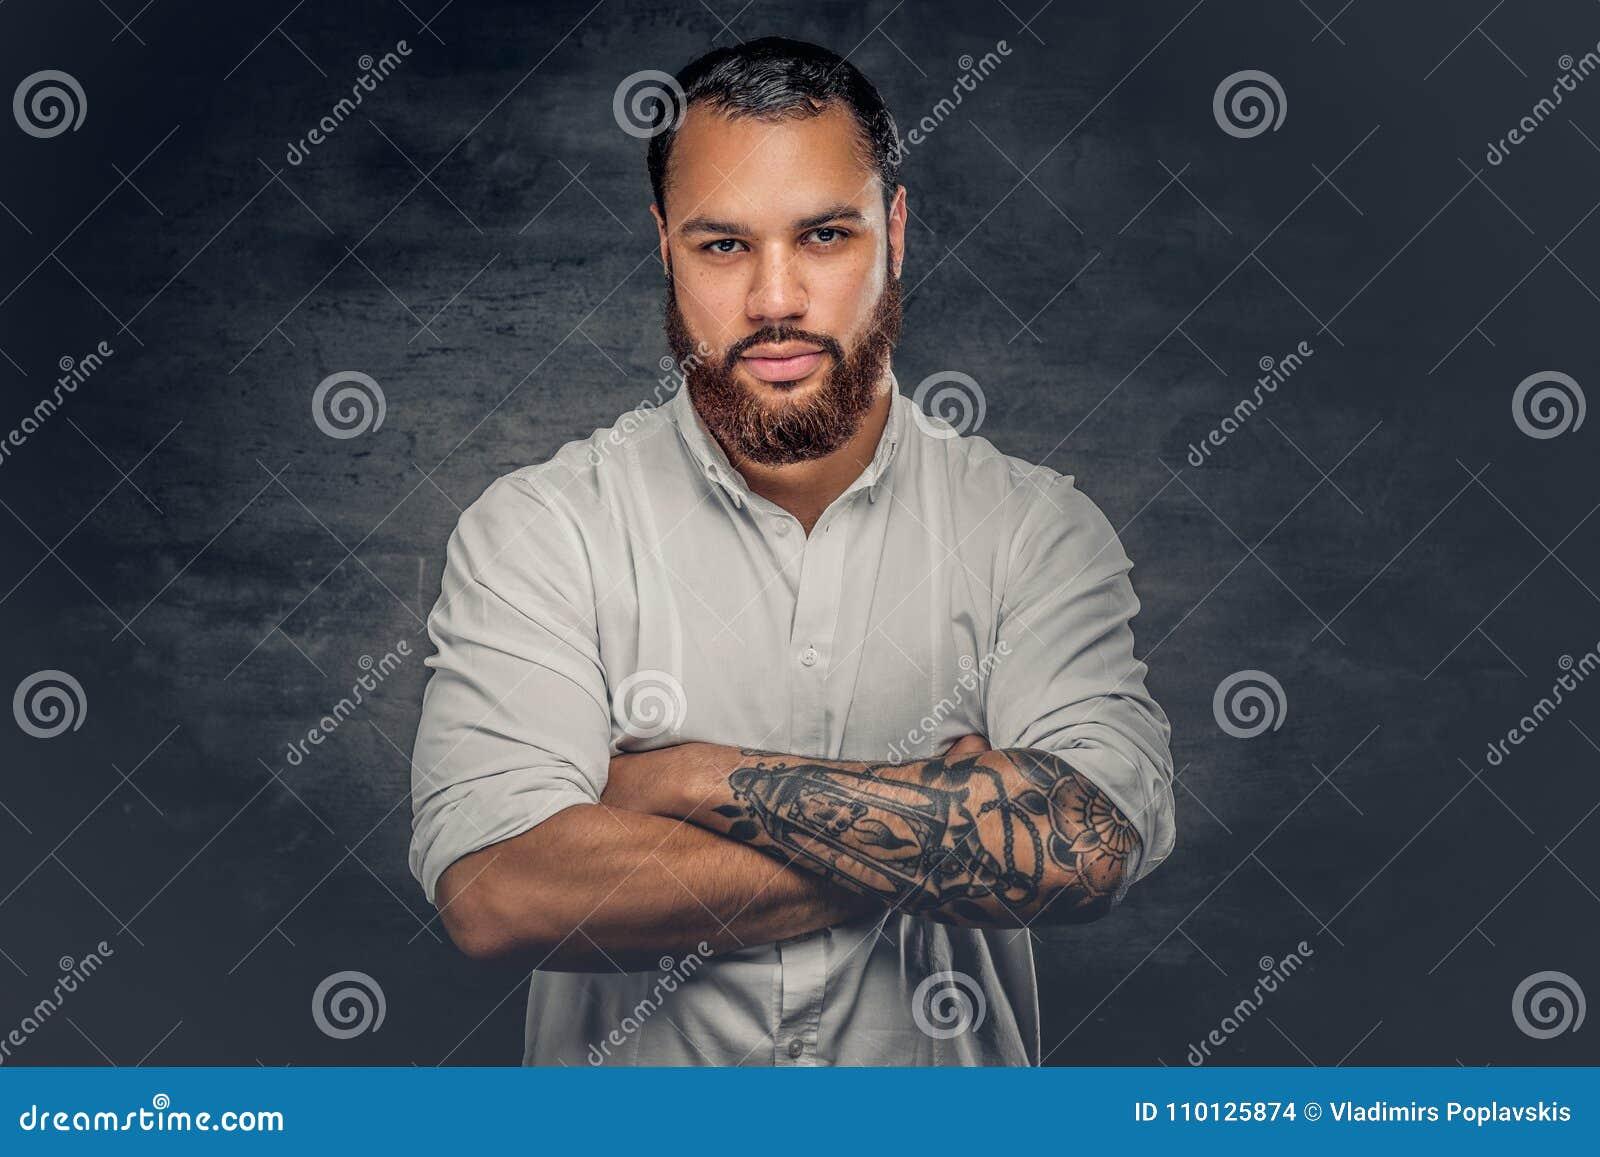 Svart man med tatueringen på armar